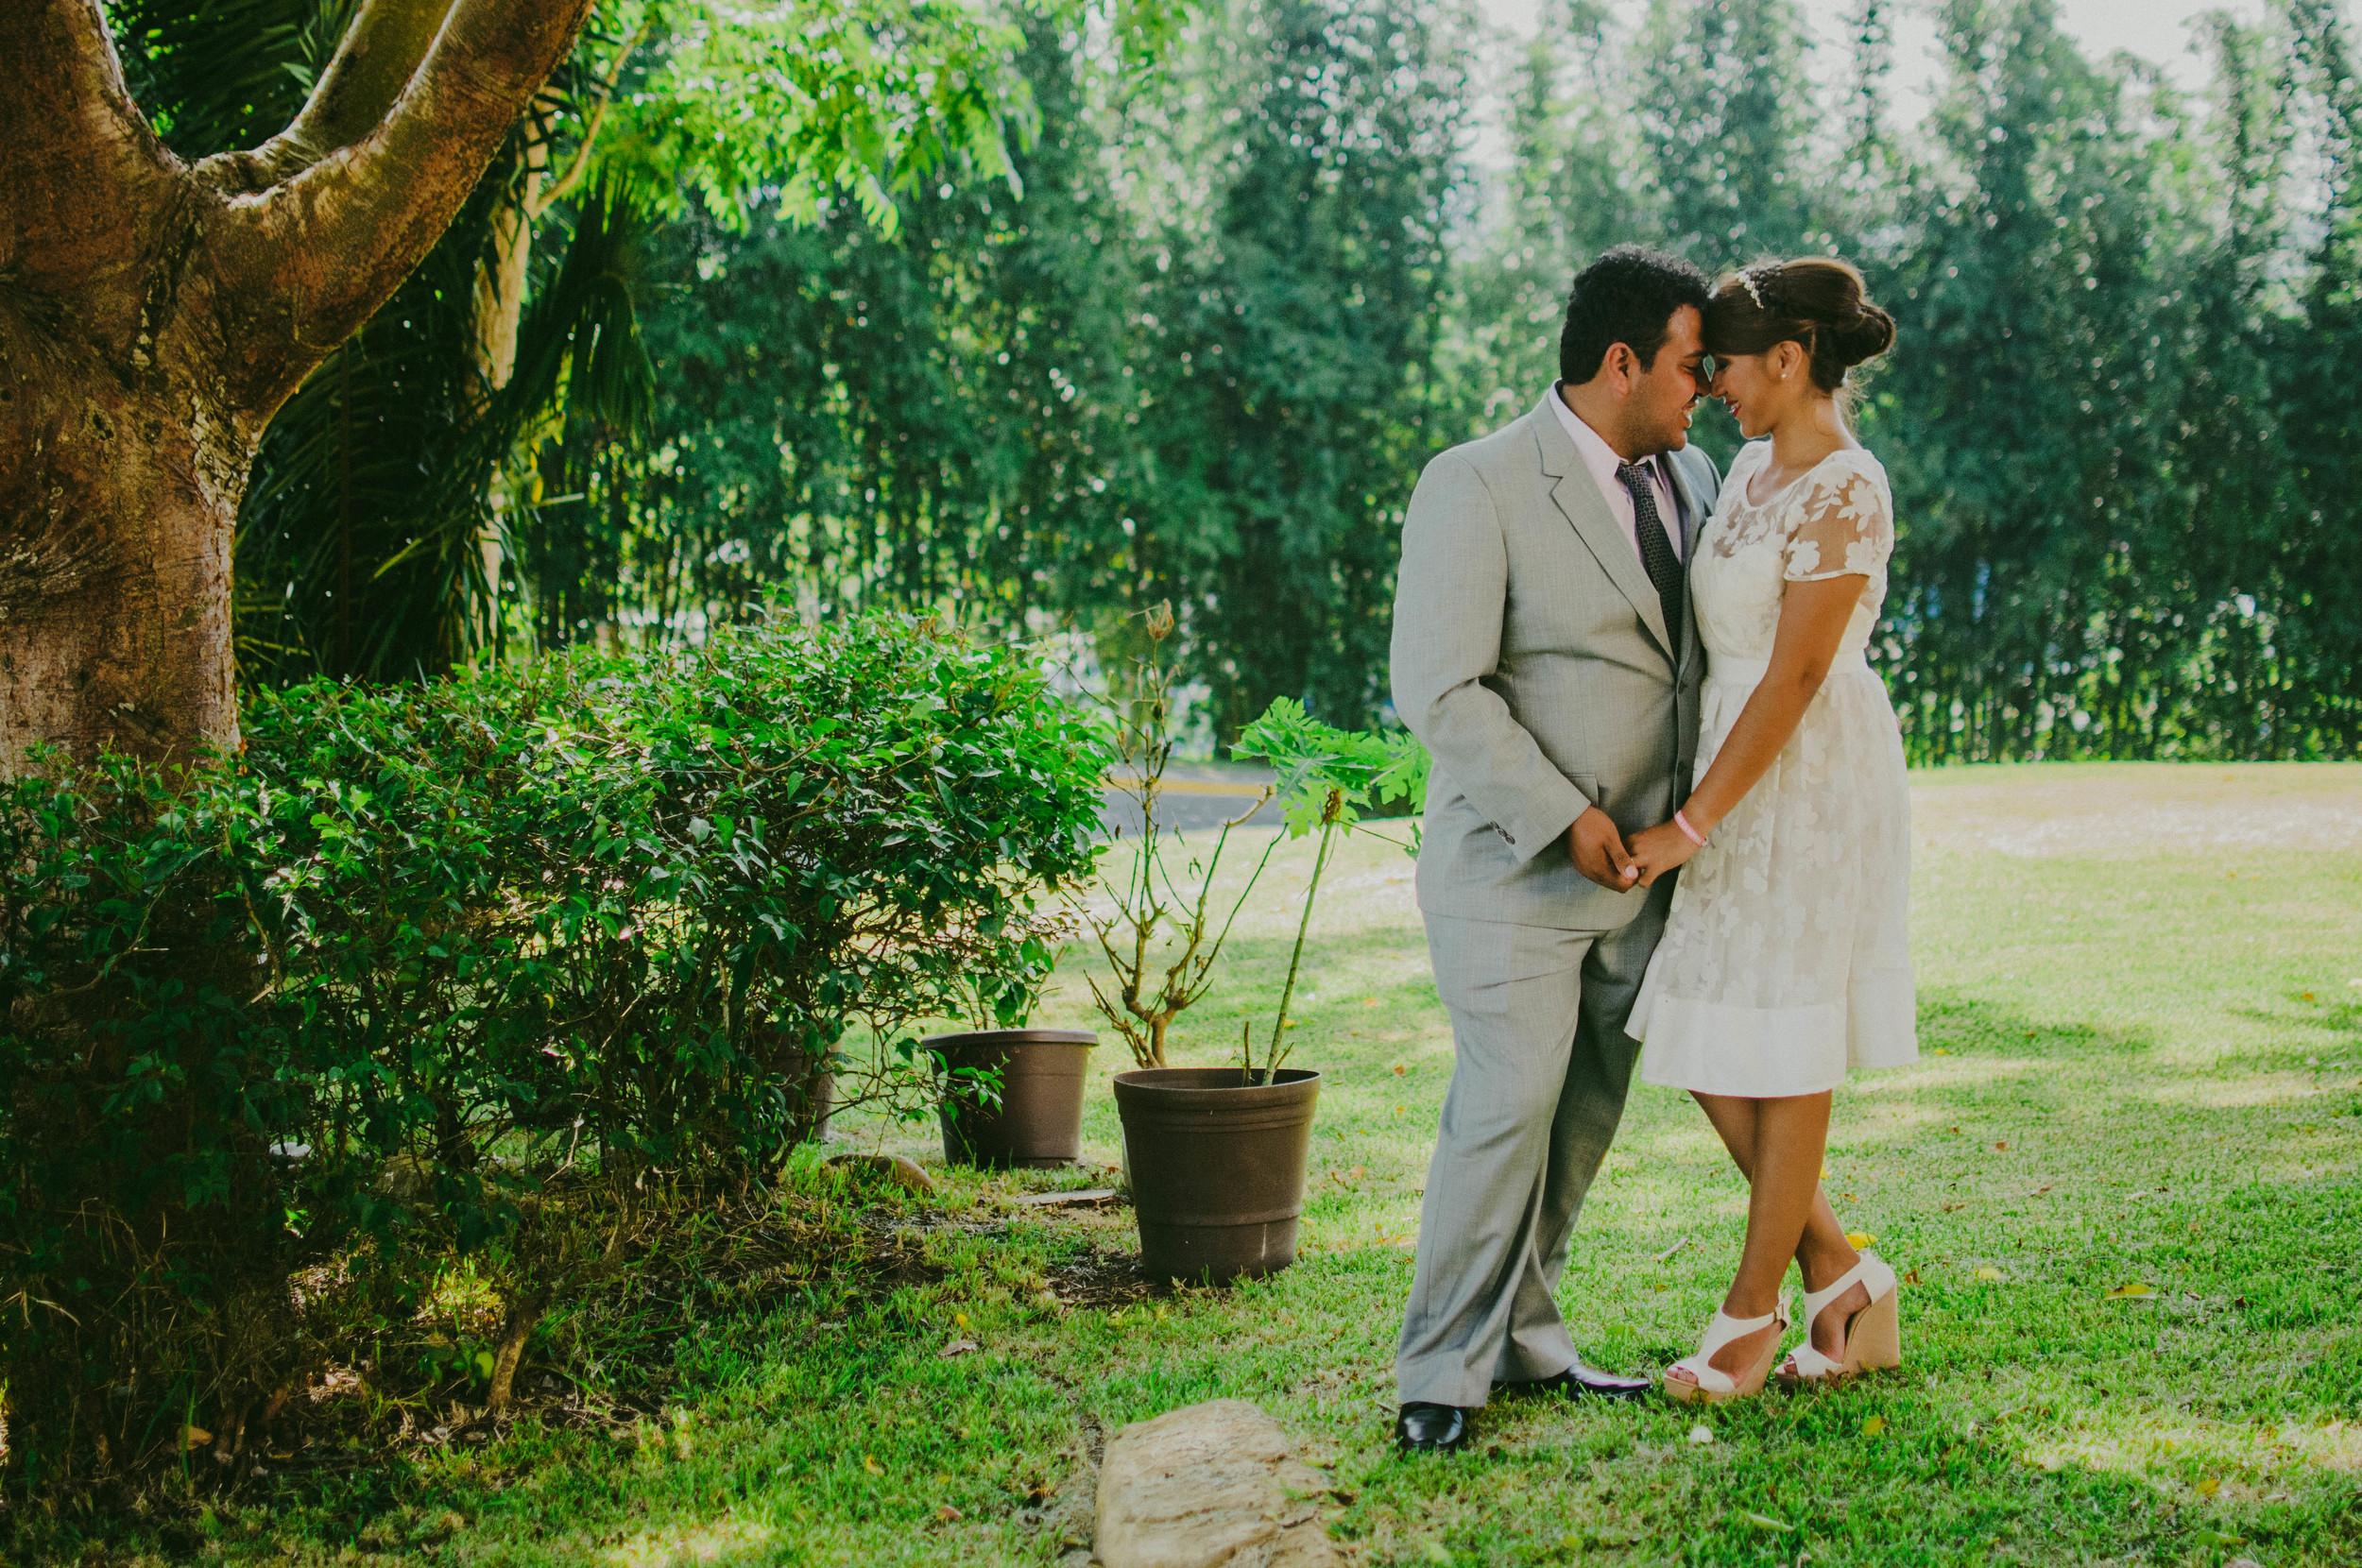 liliana y juan arturo - boda civil57.jpg